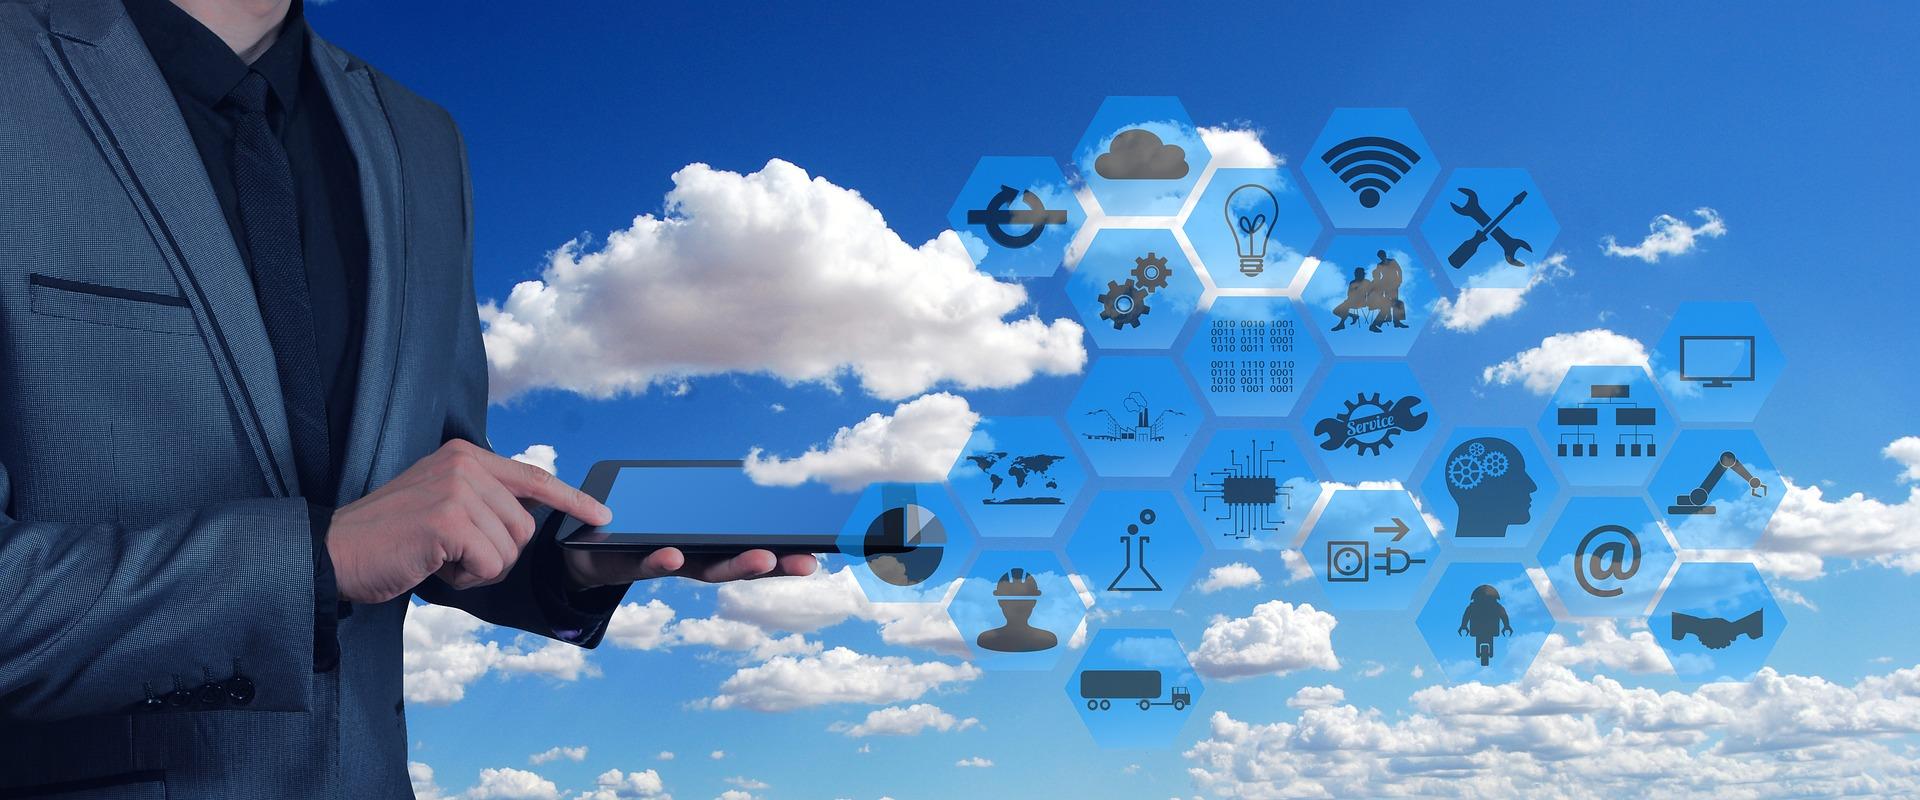 Processus de transformation digitale (numérique) des entreprises